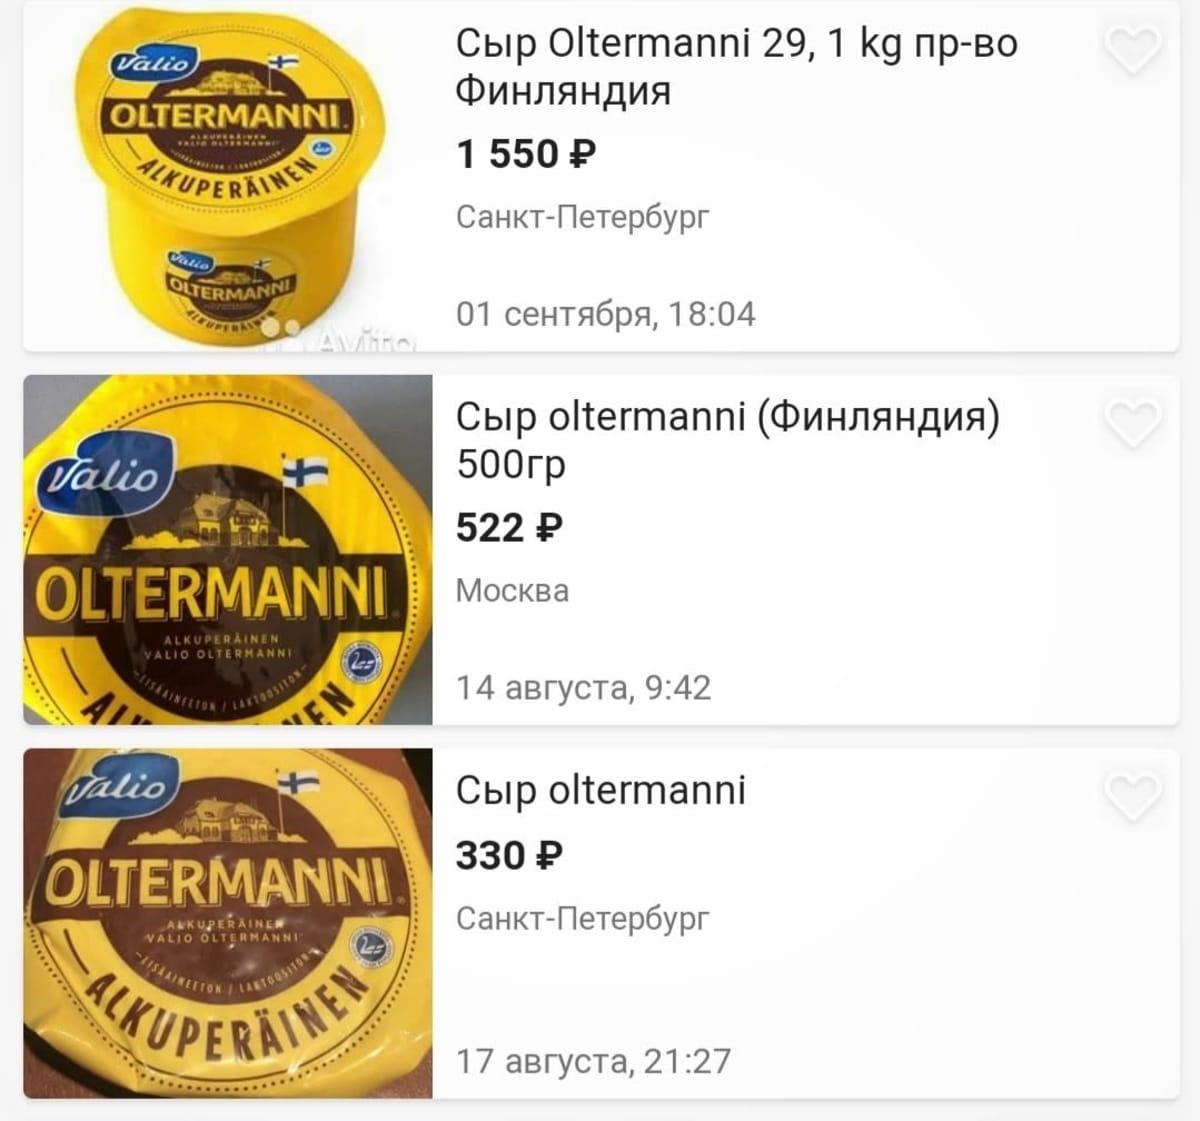 Kuvakaappaus venäläisestä netin myyntisivustosta, jossa myydään suomalaisia juustoja.